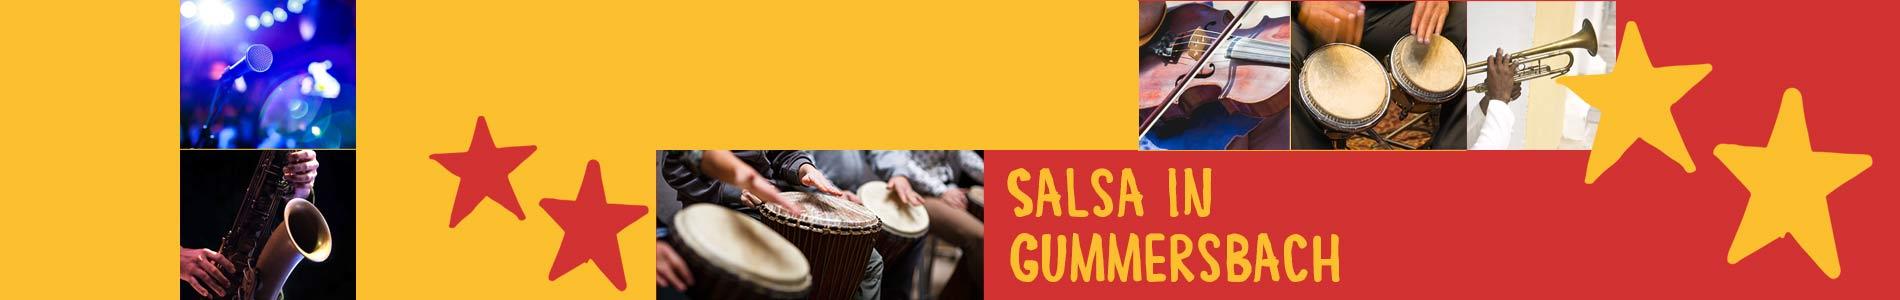 Salsa in Gummersbach – Salsa lernen und tanzen, Tanzkurse, Partys, Veranstaltungen